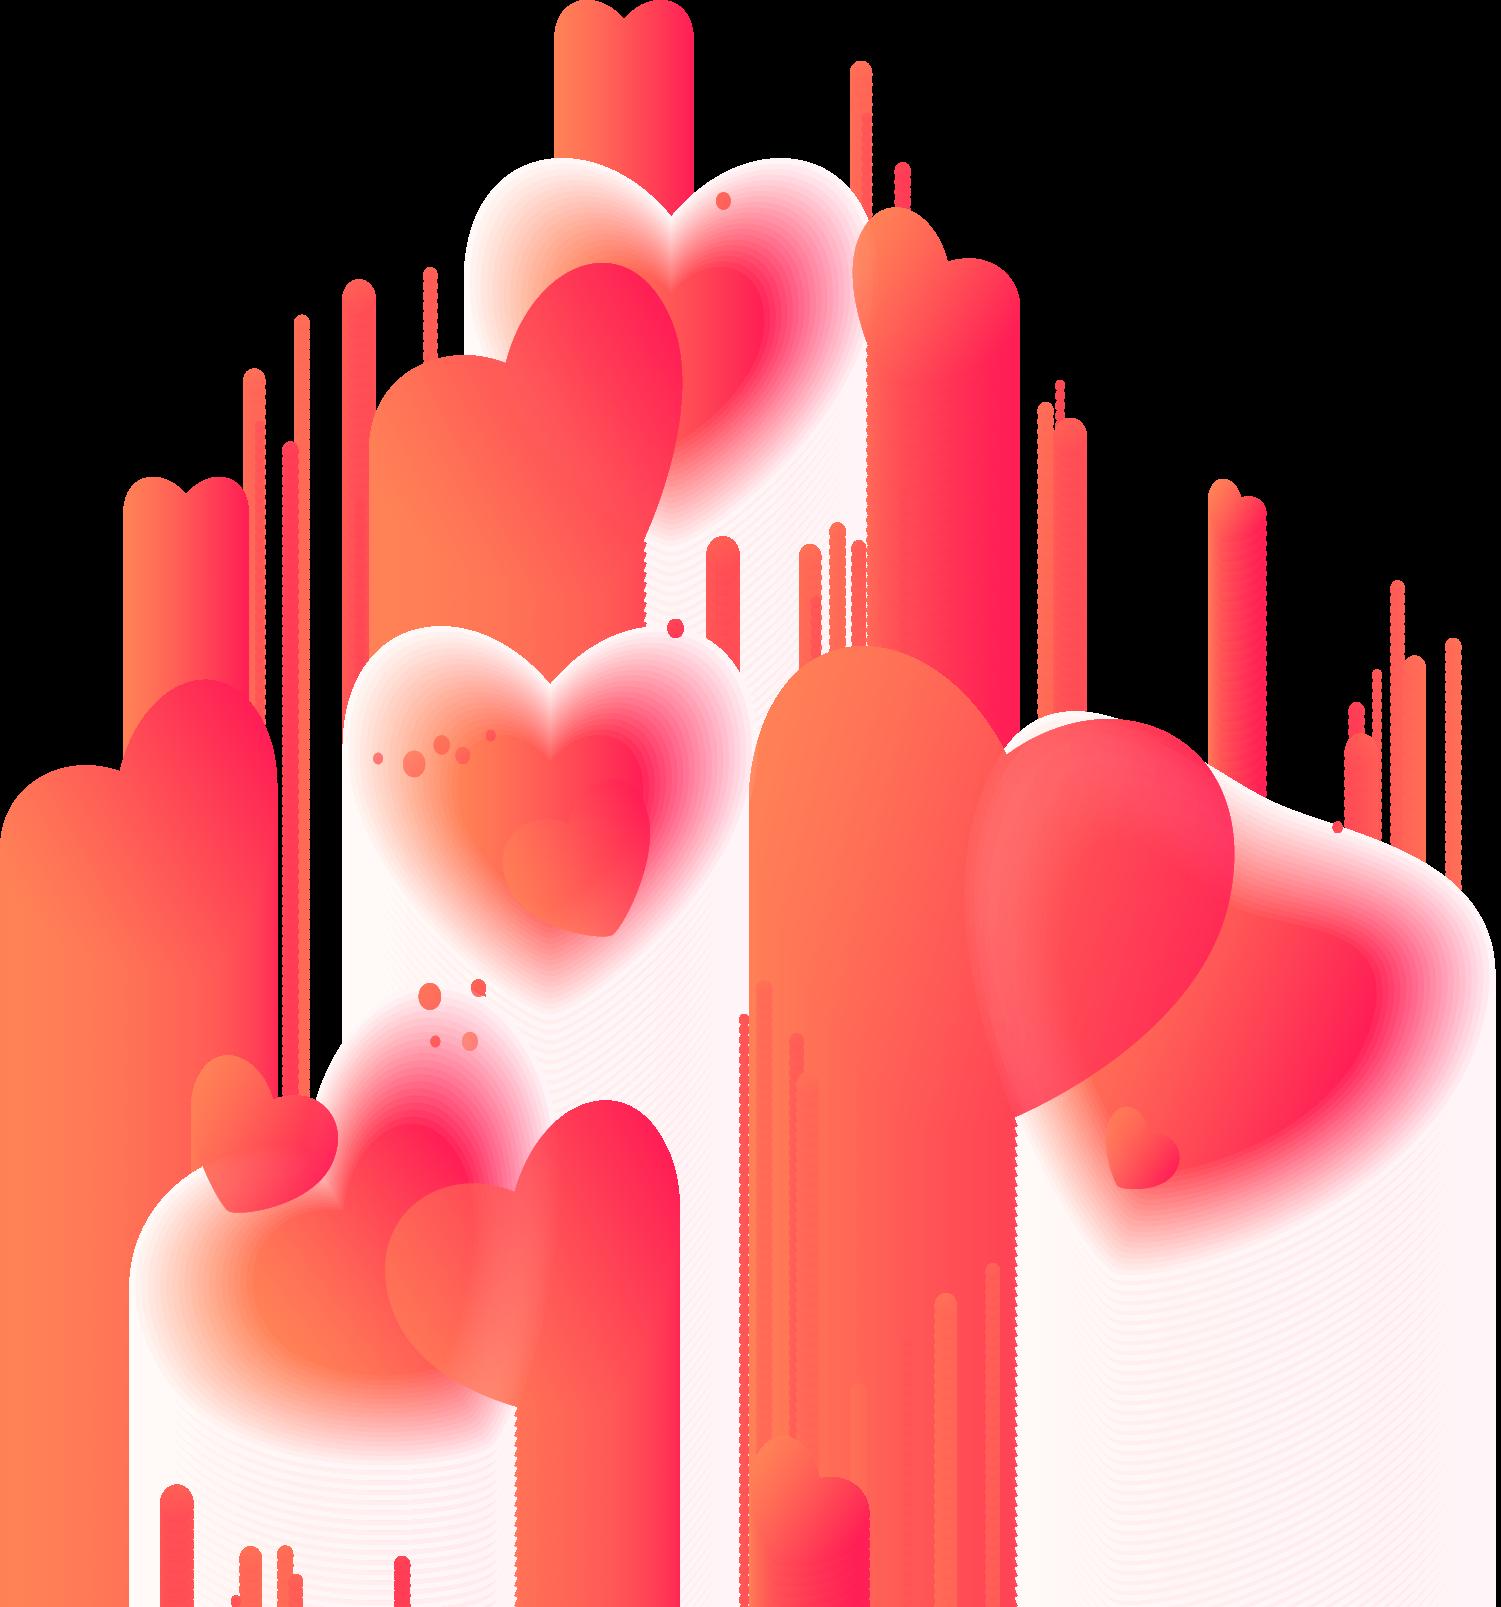 Heart Love Valentine's Day.